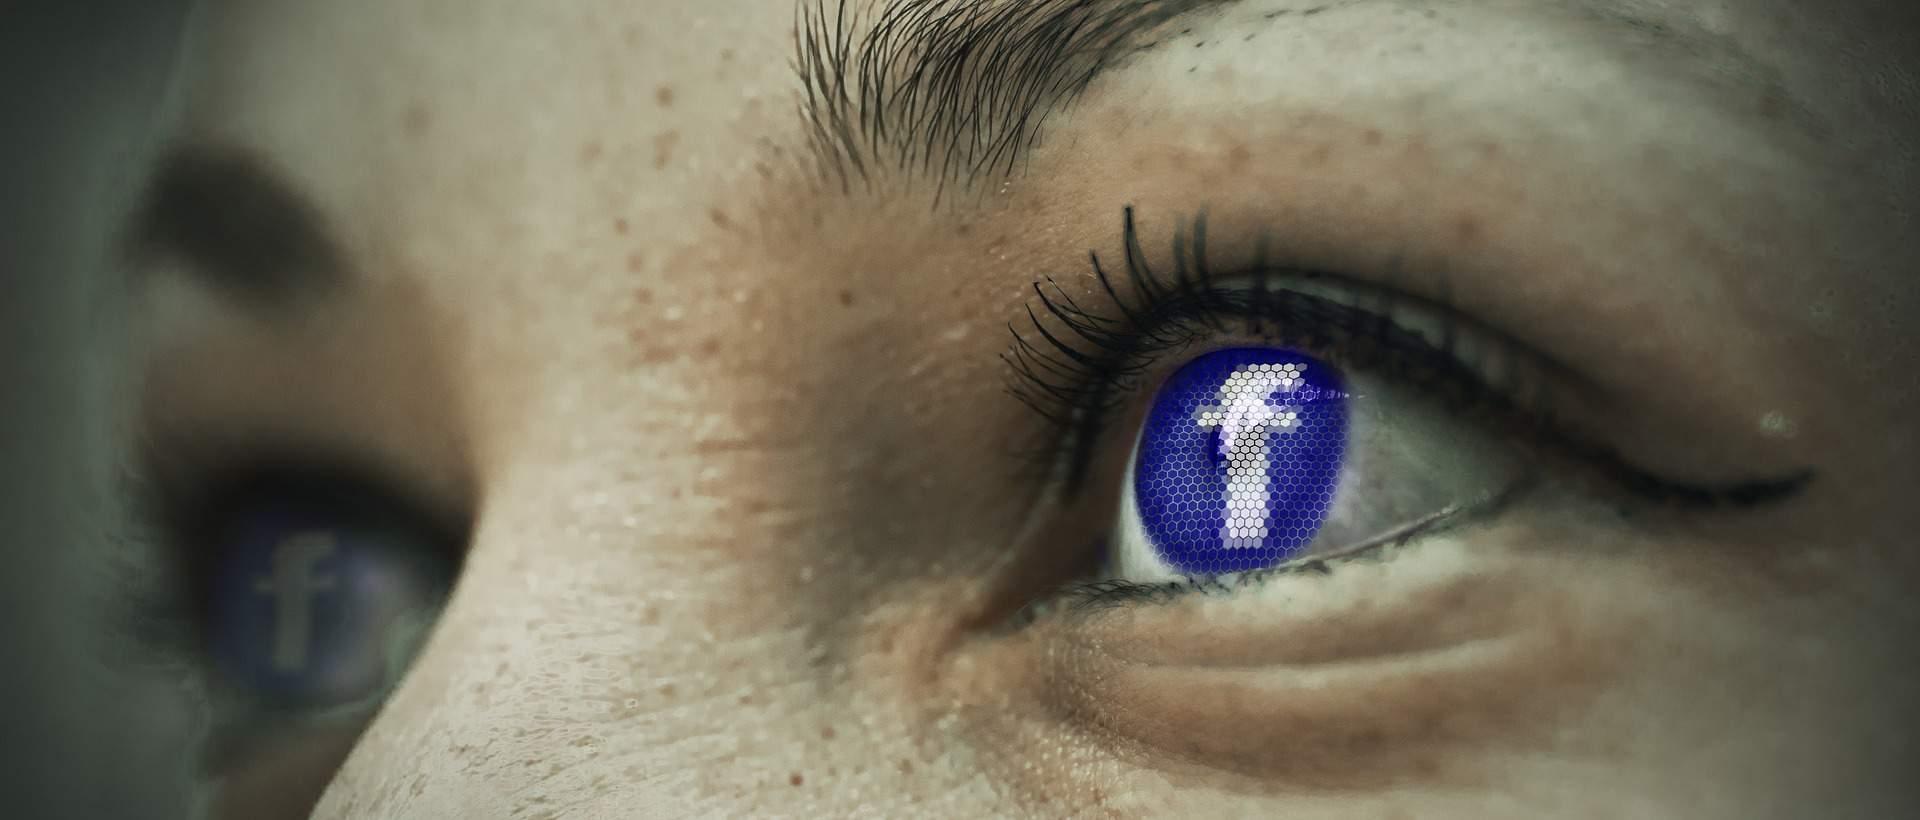 Datos y curiosidades de Facebook